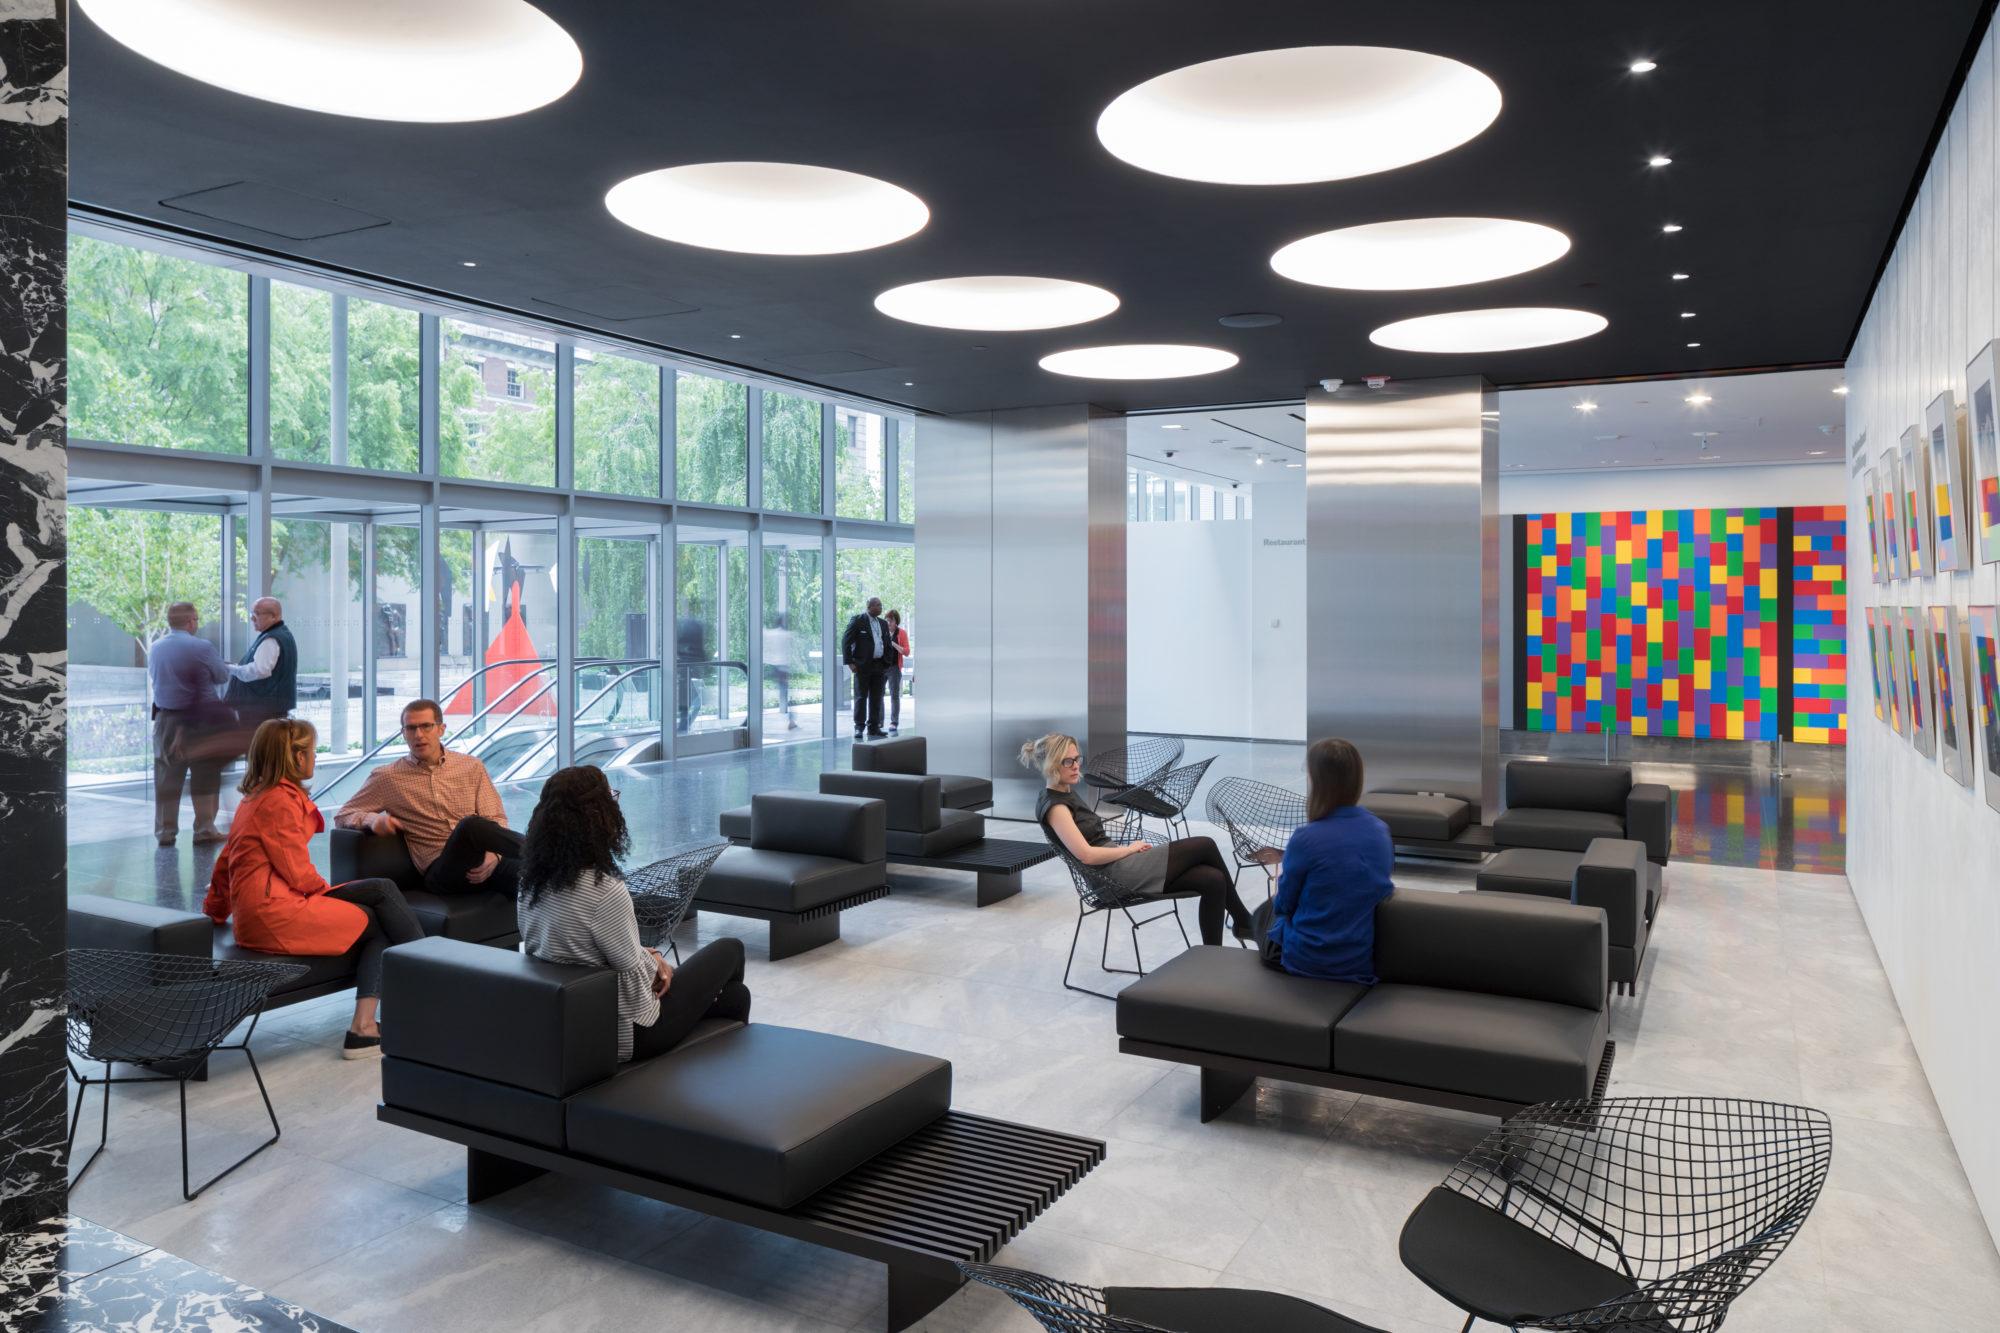 MoMA expansion, Diller Scofidio + Renfro, Gensler, Midtown